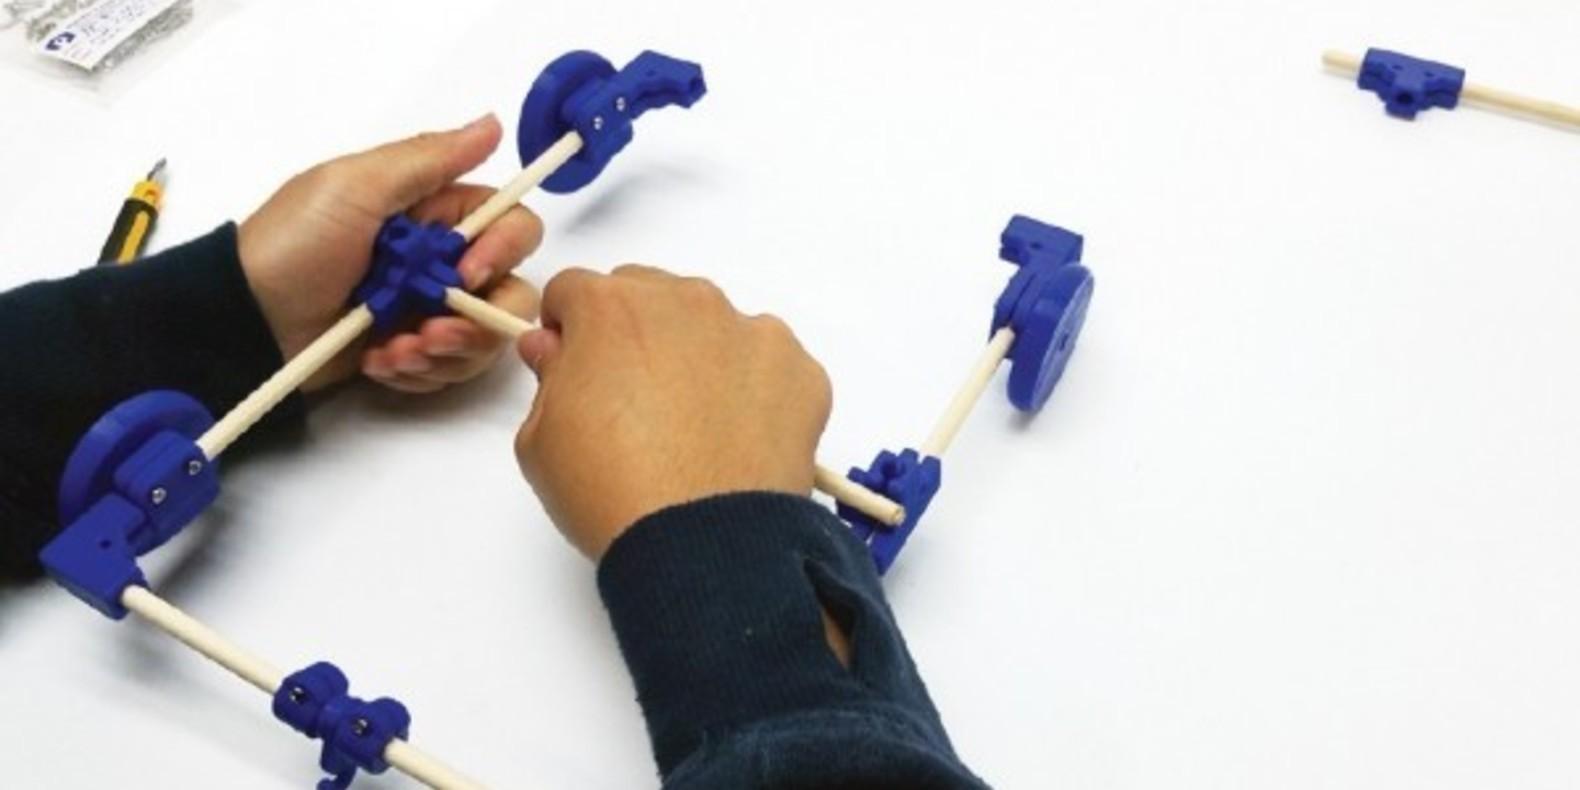 mypie catapulte fichier 3D cults impression 3D maker 2